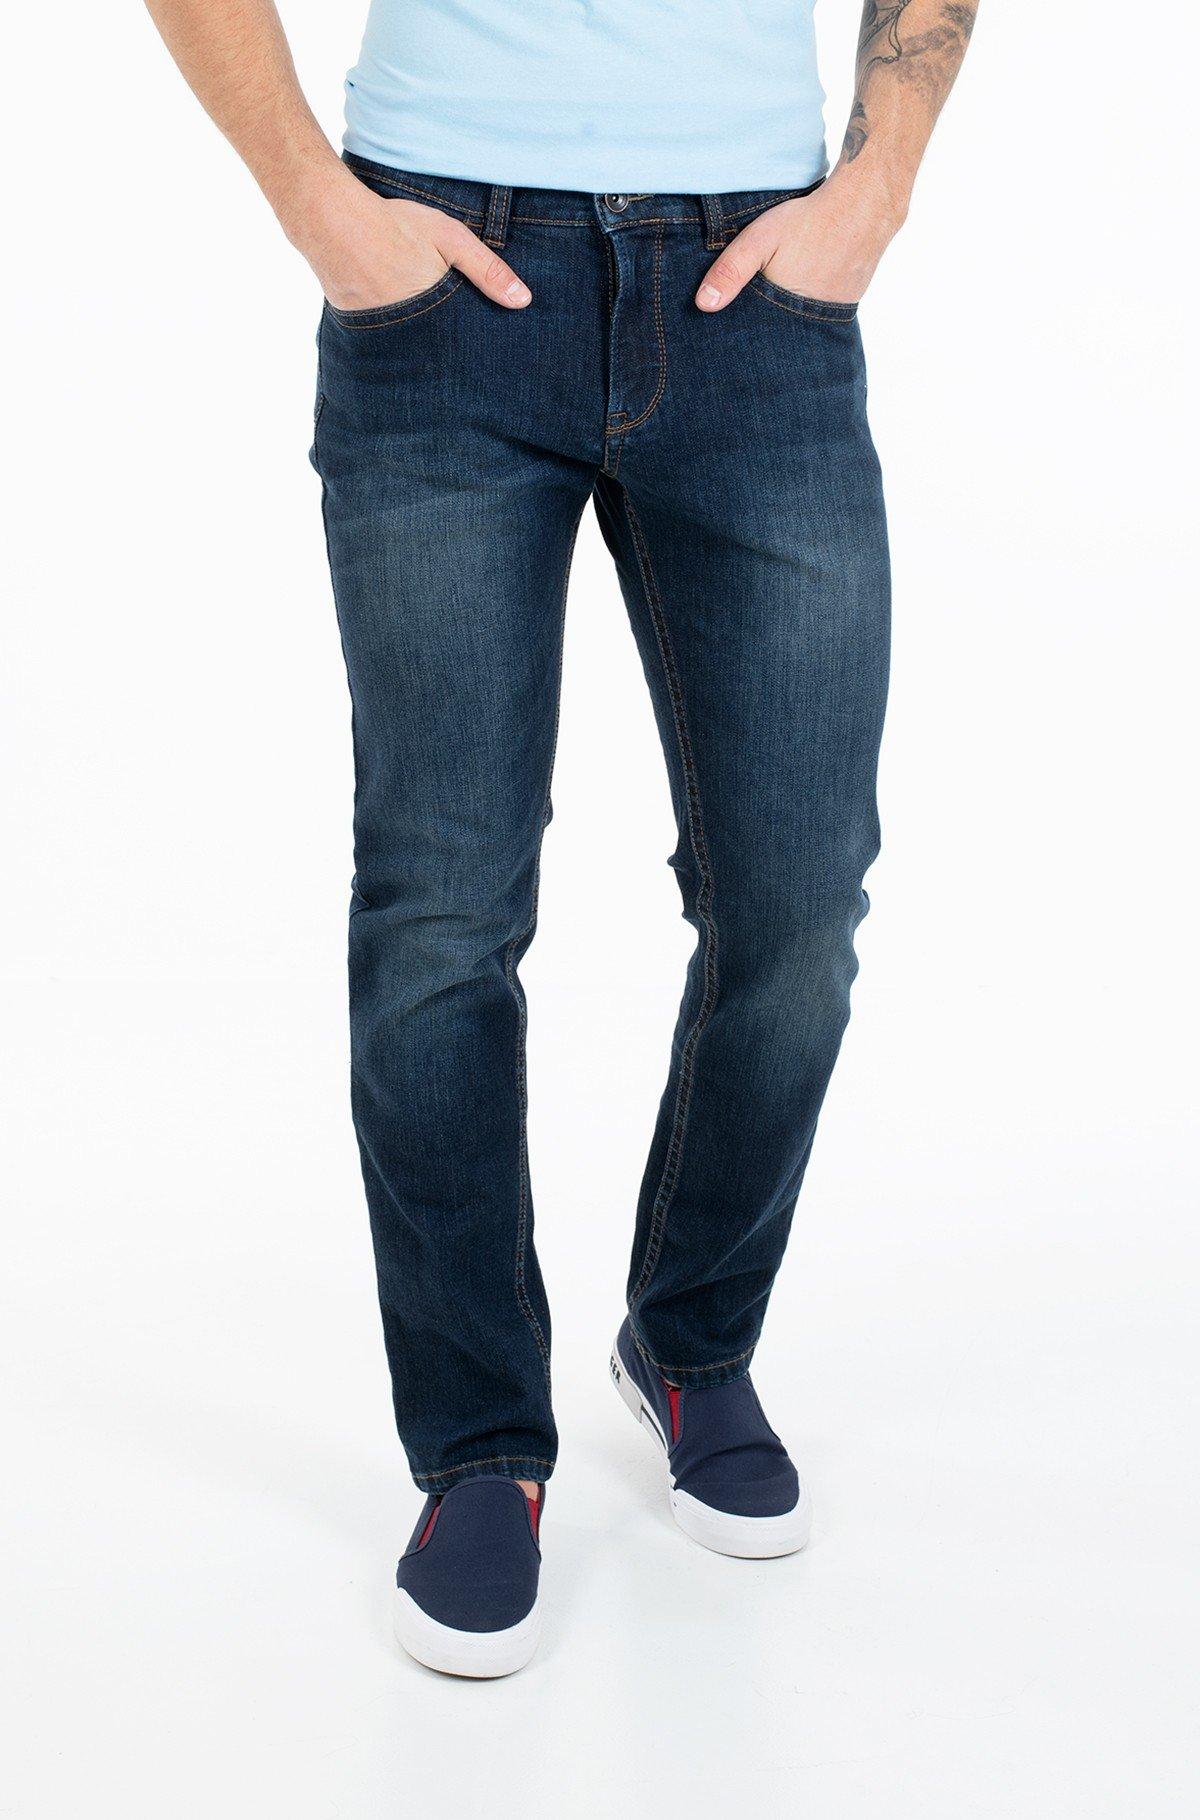 Jeans 488815/9524-full-1